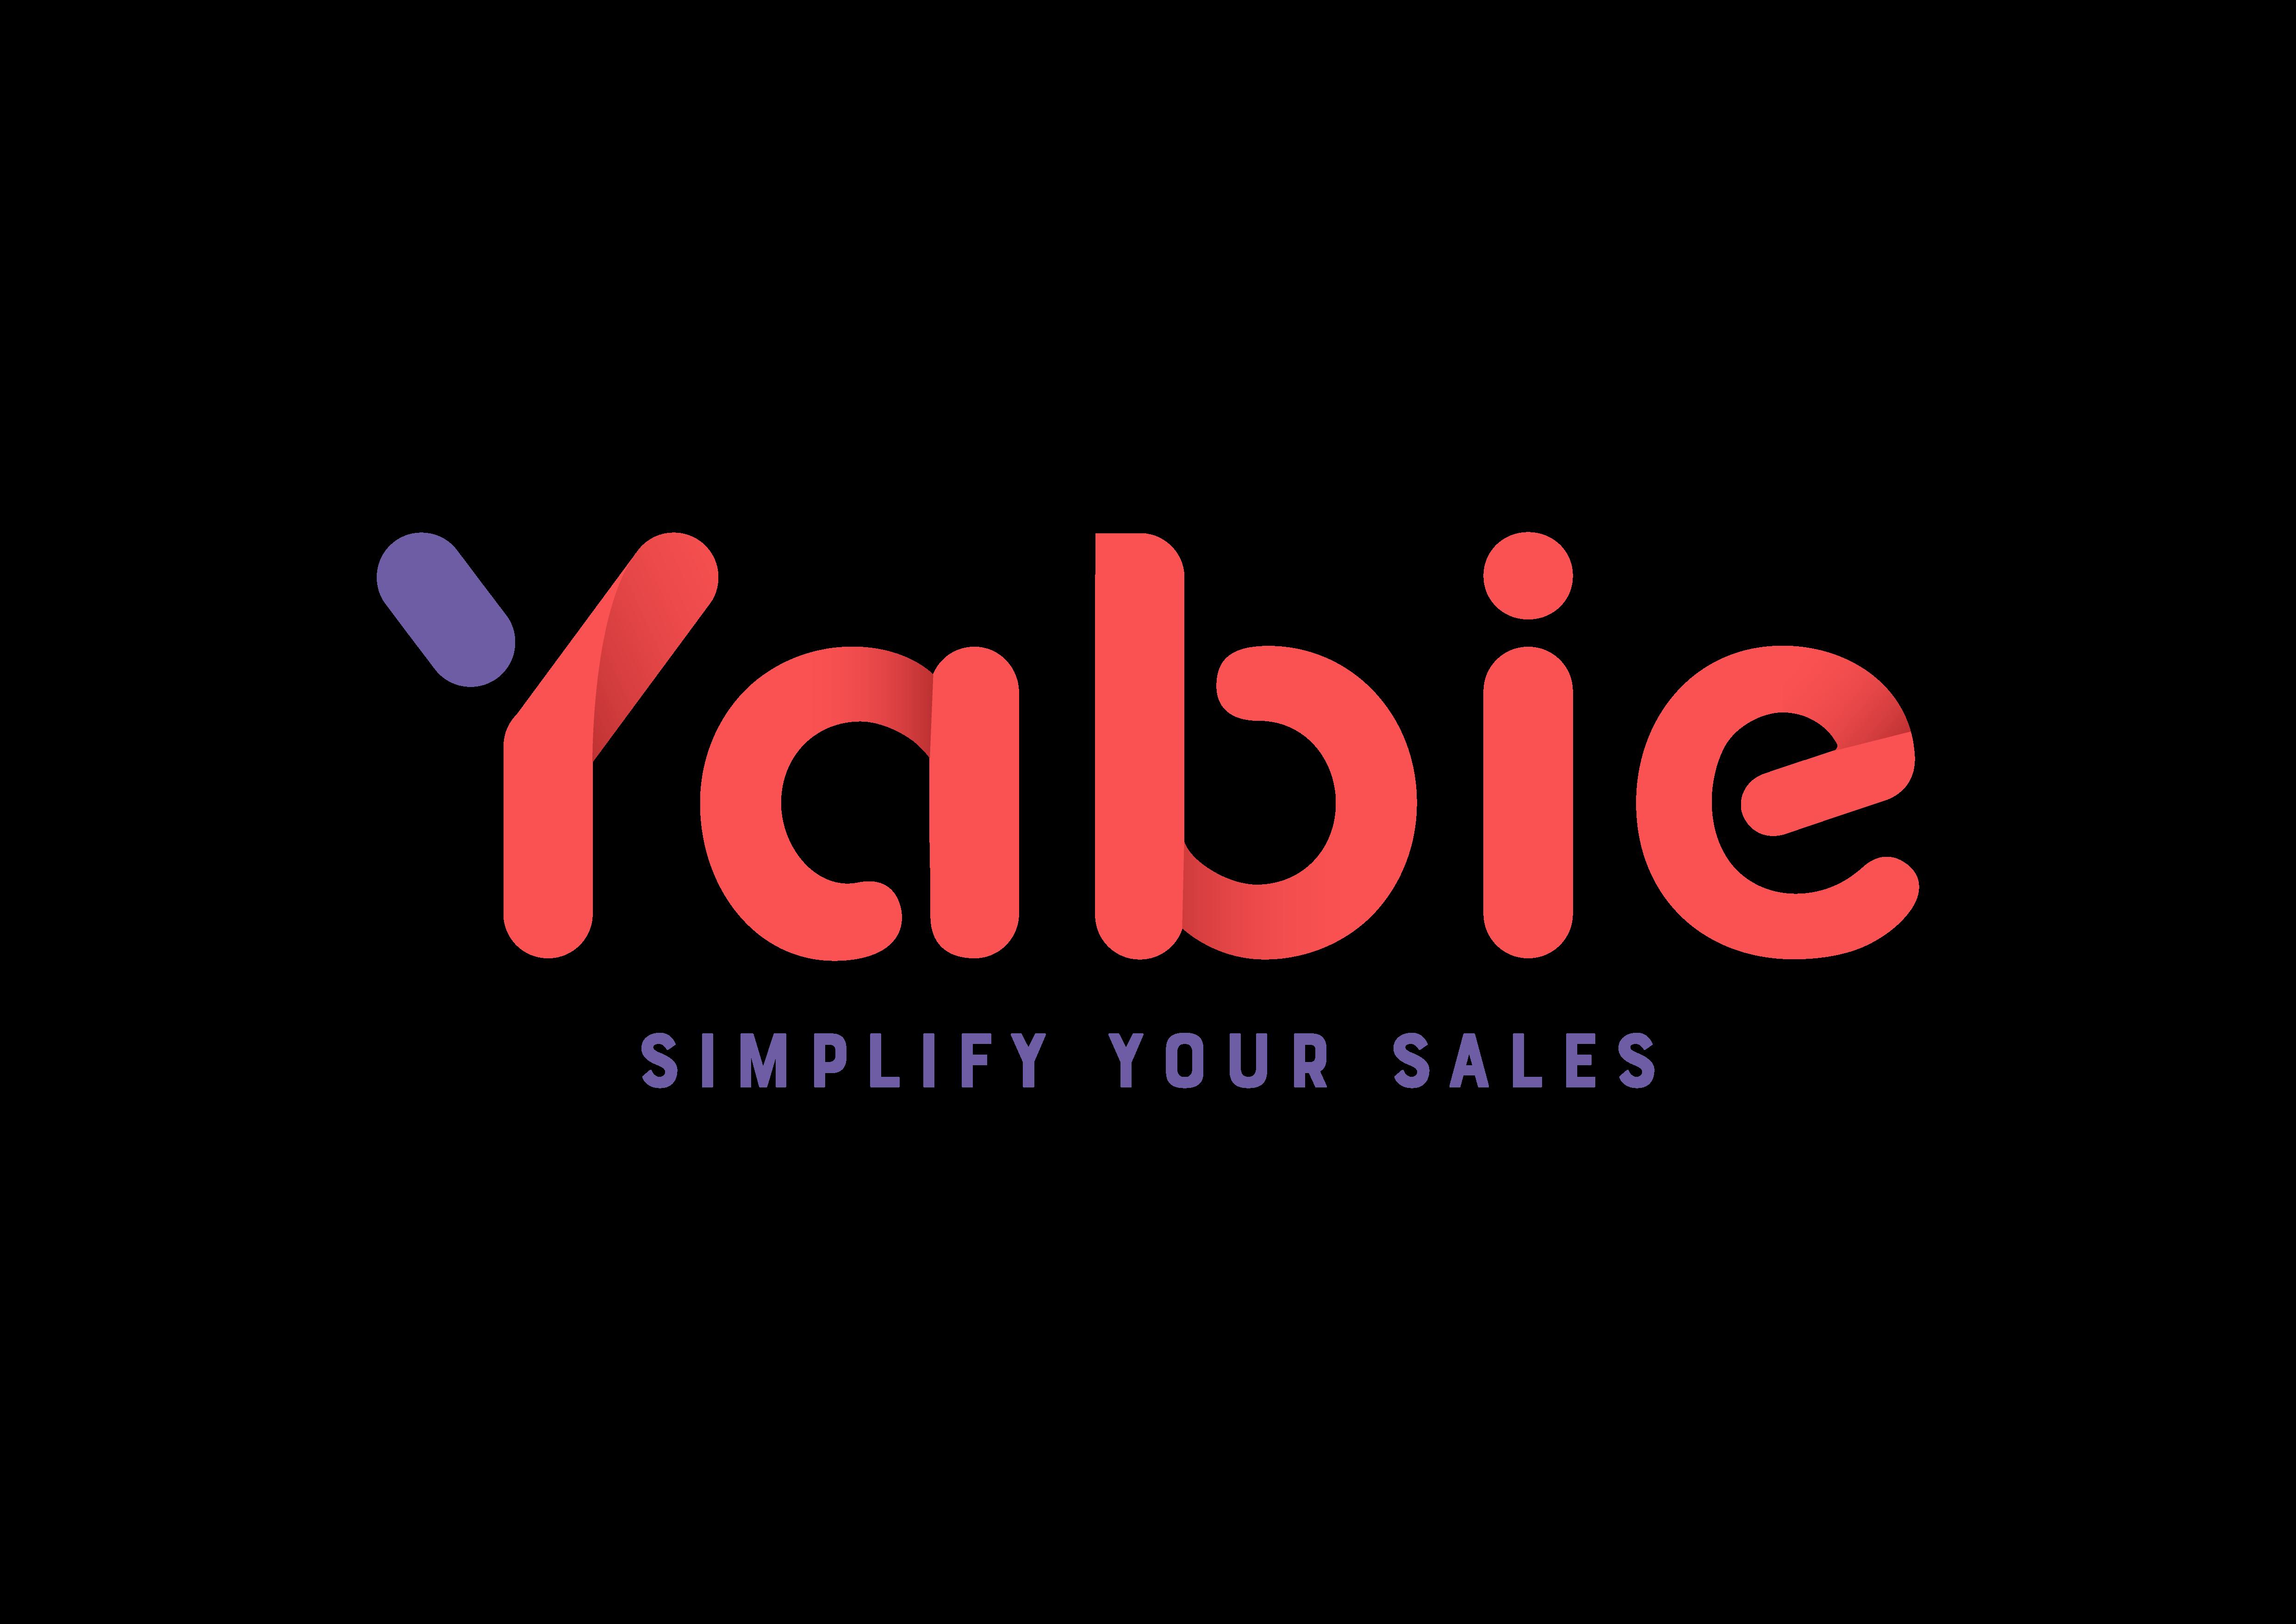 Yabie AB